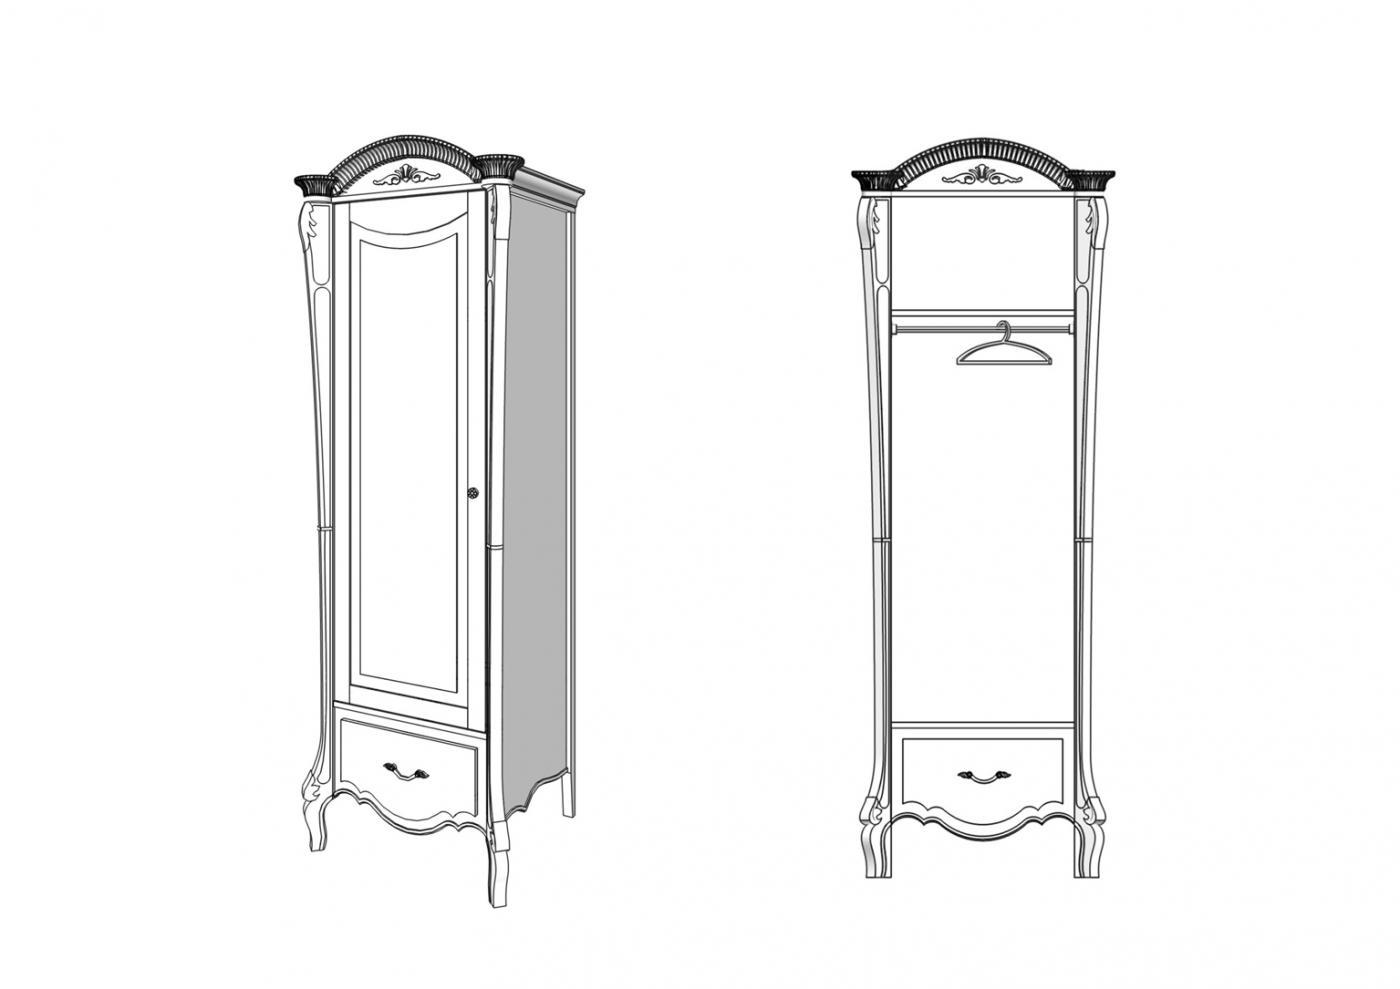 Шкаф Валенсия 1 дверь 1 ящик2